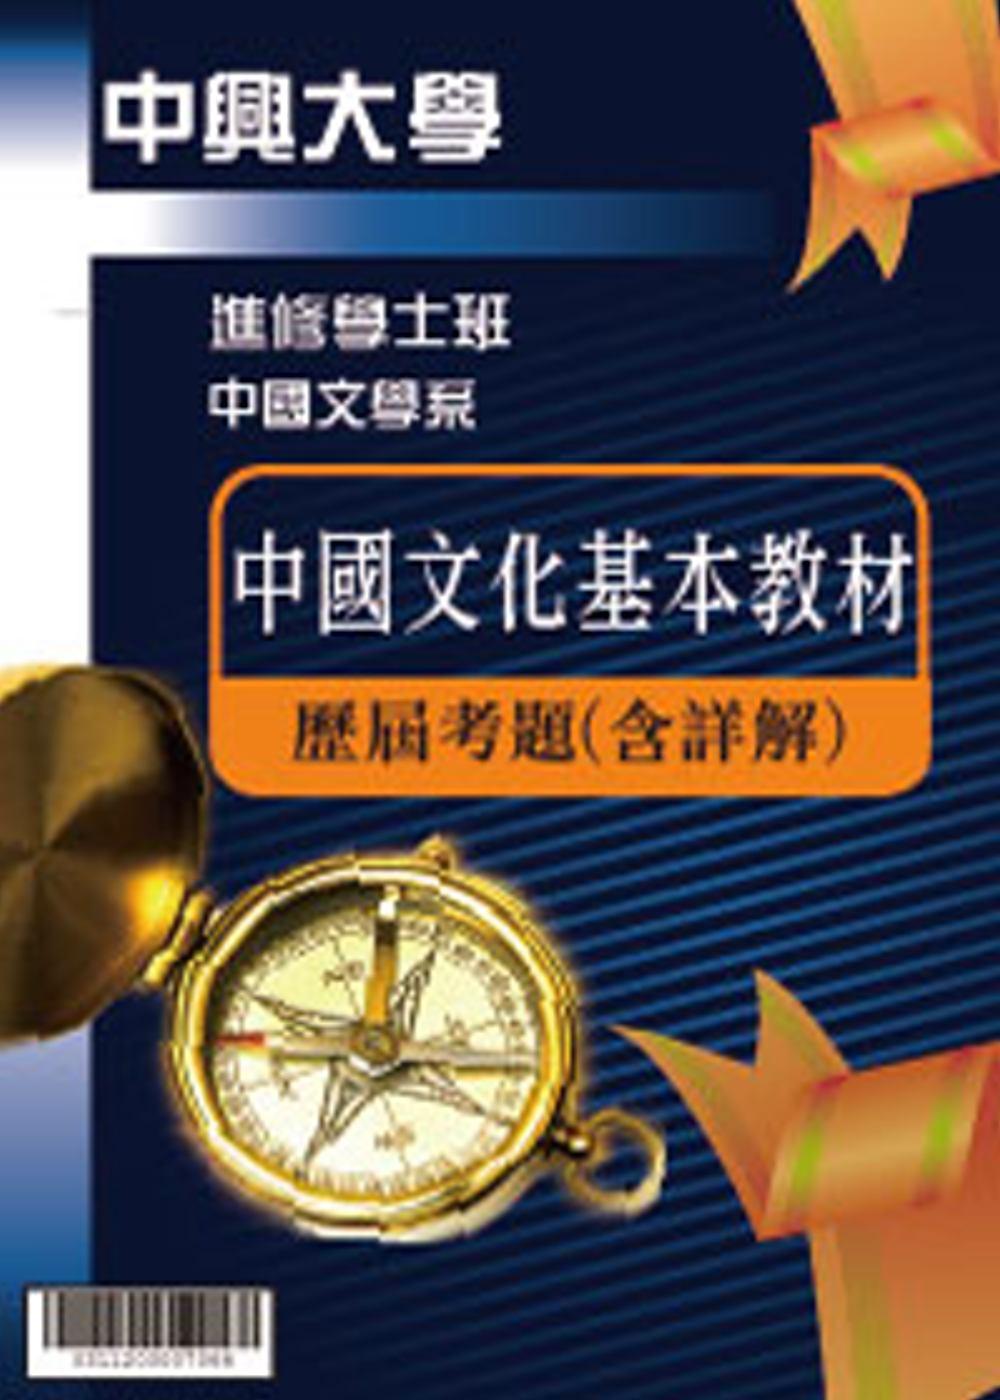 考古題解答-國立中興大學-進修學士 科目:中國文化基本教材 101/102/103/104/105/106